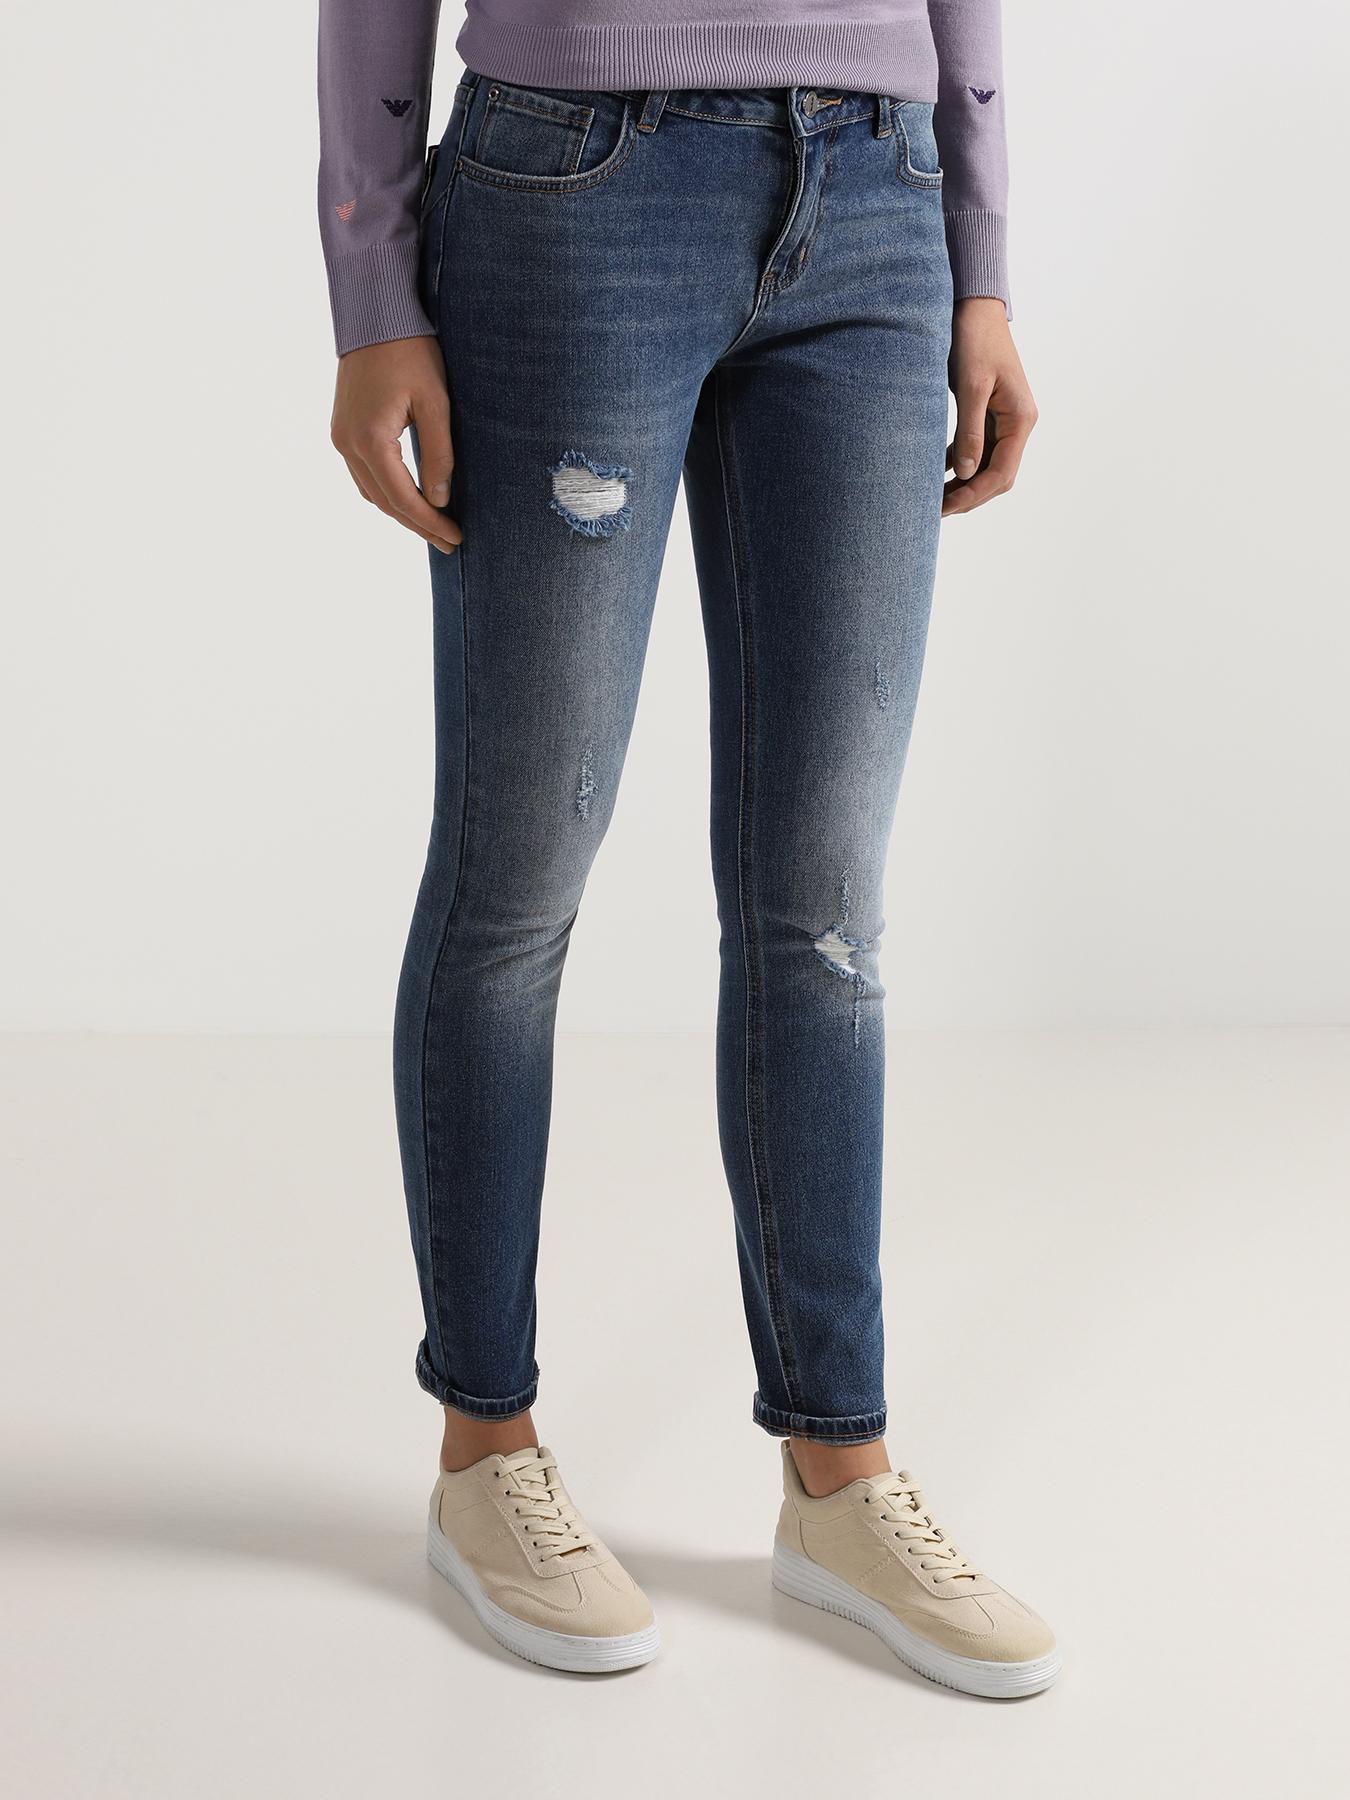 Джинсы Finisterre Джинсы джинсы levi s джинсы